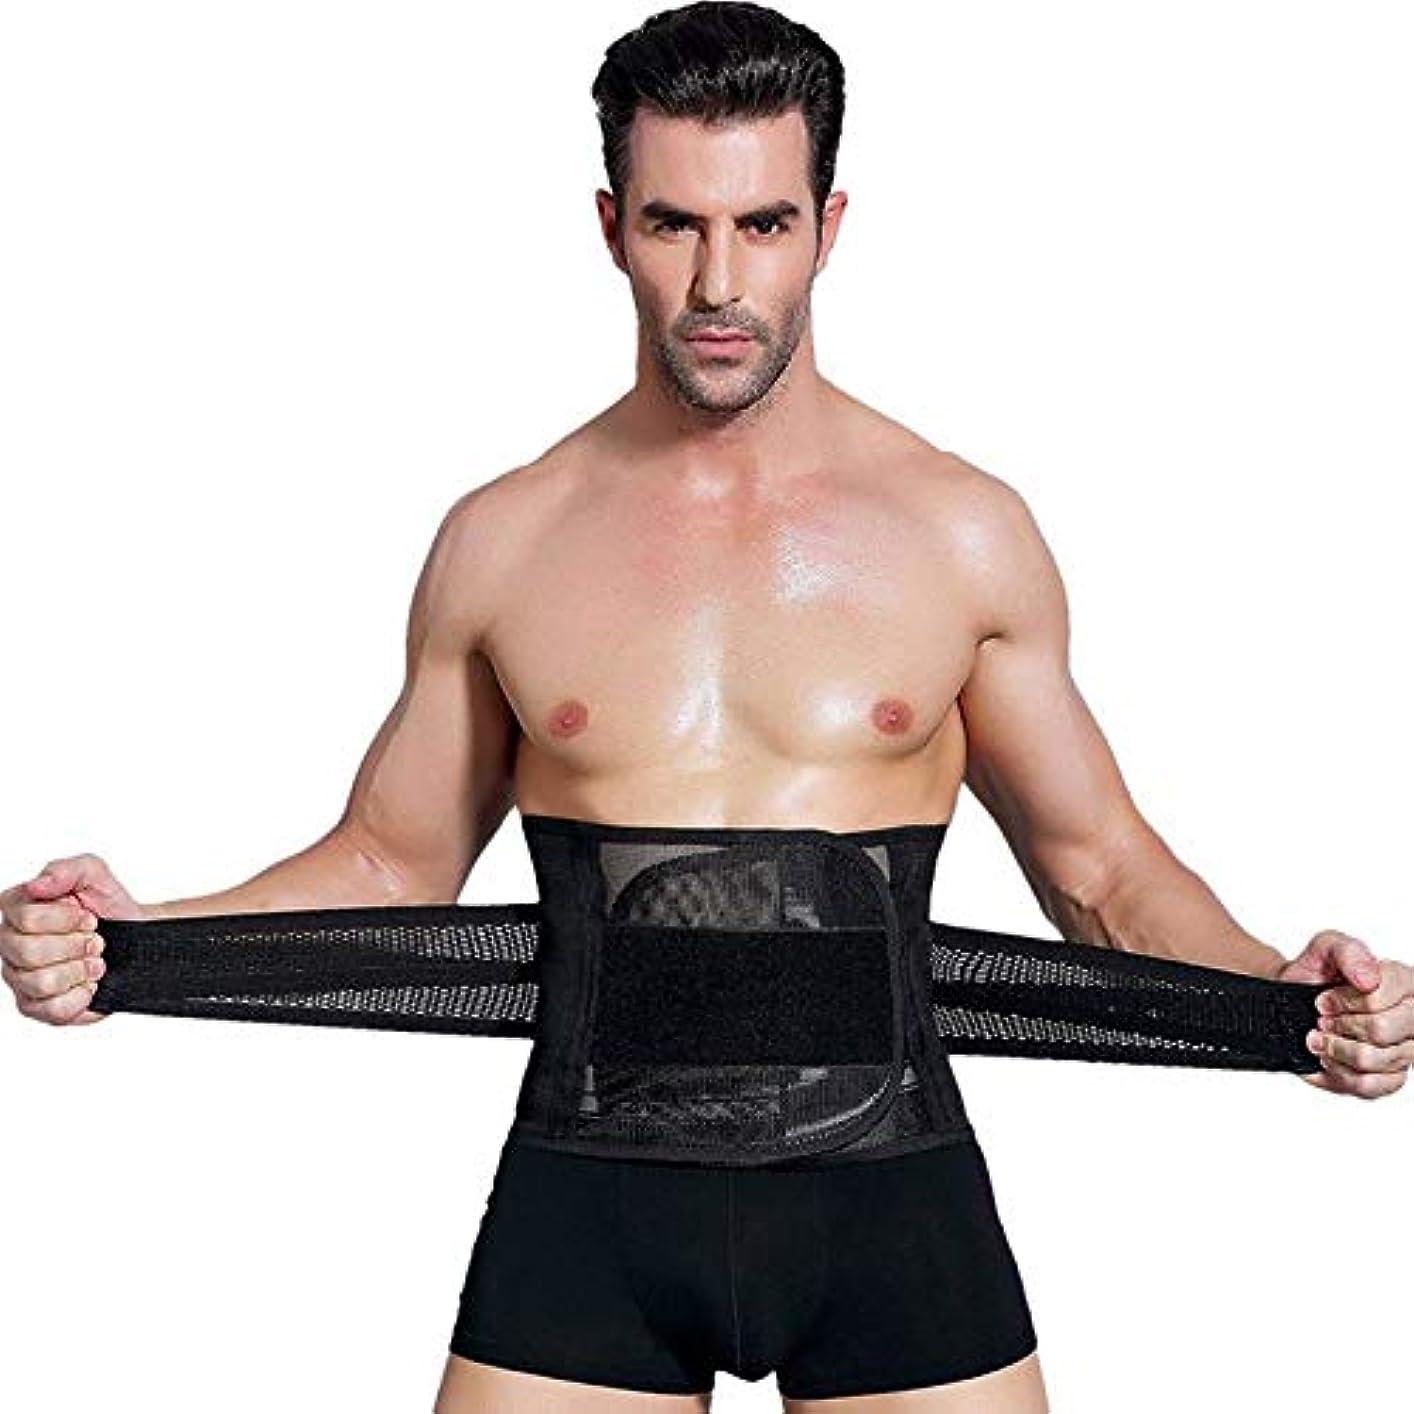 シダ注ぎますロック解除男性ボディシェイパーコルセット腹部おなかコントロールウエストトレーナーニッパー脂肪燃焼ガードル痩身腹ベルト用男性 - ブラックXXL